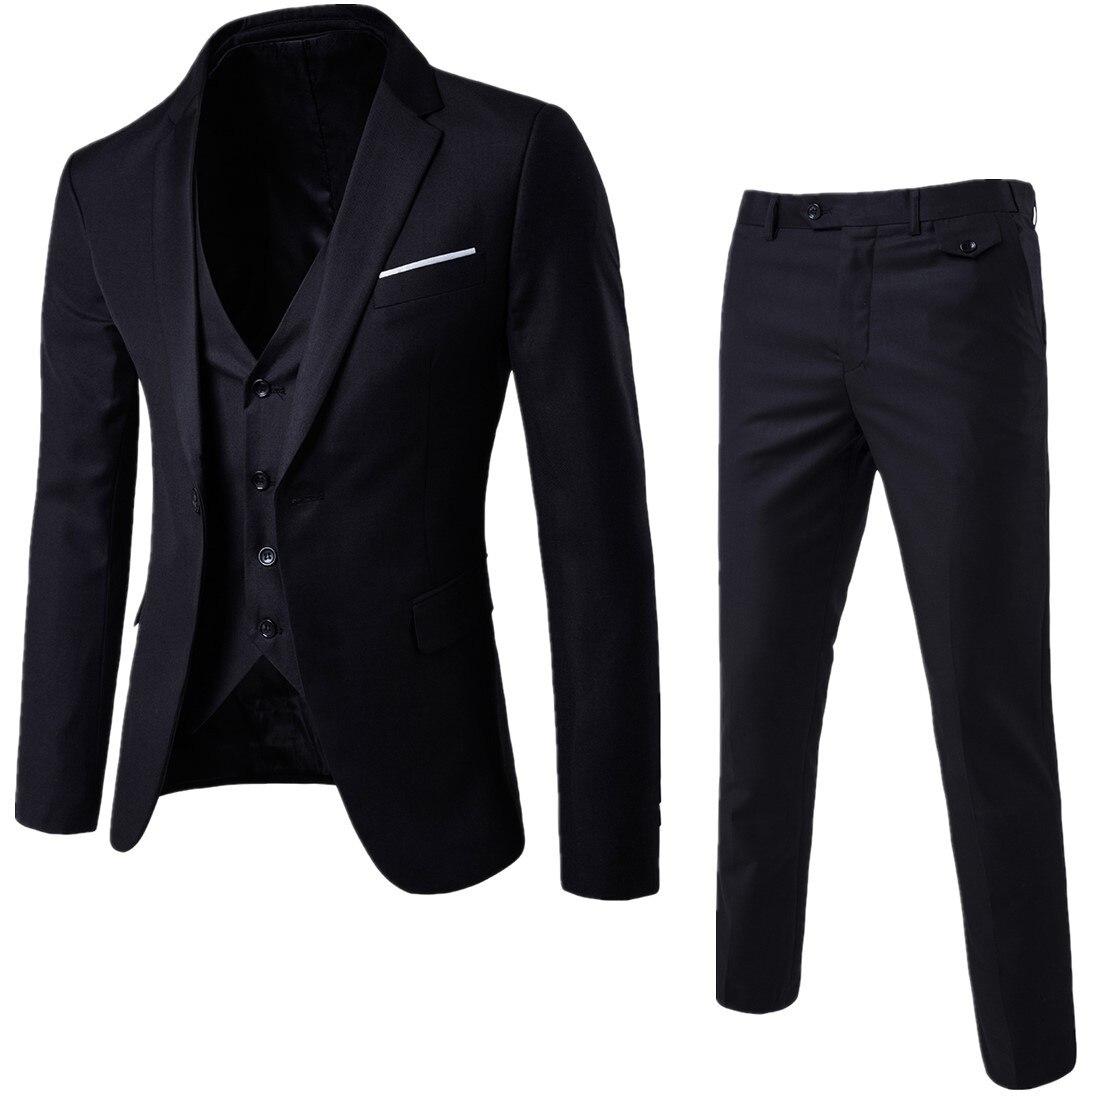 Suit MEN'S Suit Business Slim Models Formal Wear Three-piece Set Groom Best Man Marriage Business Going To Work Suit Coat Men's